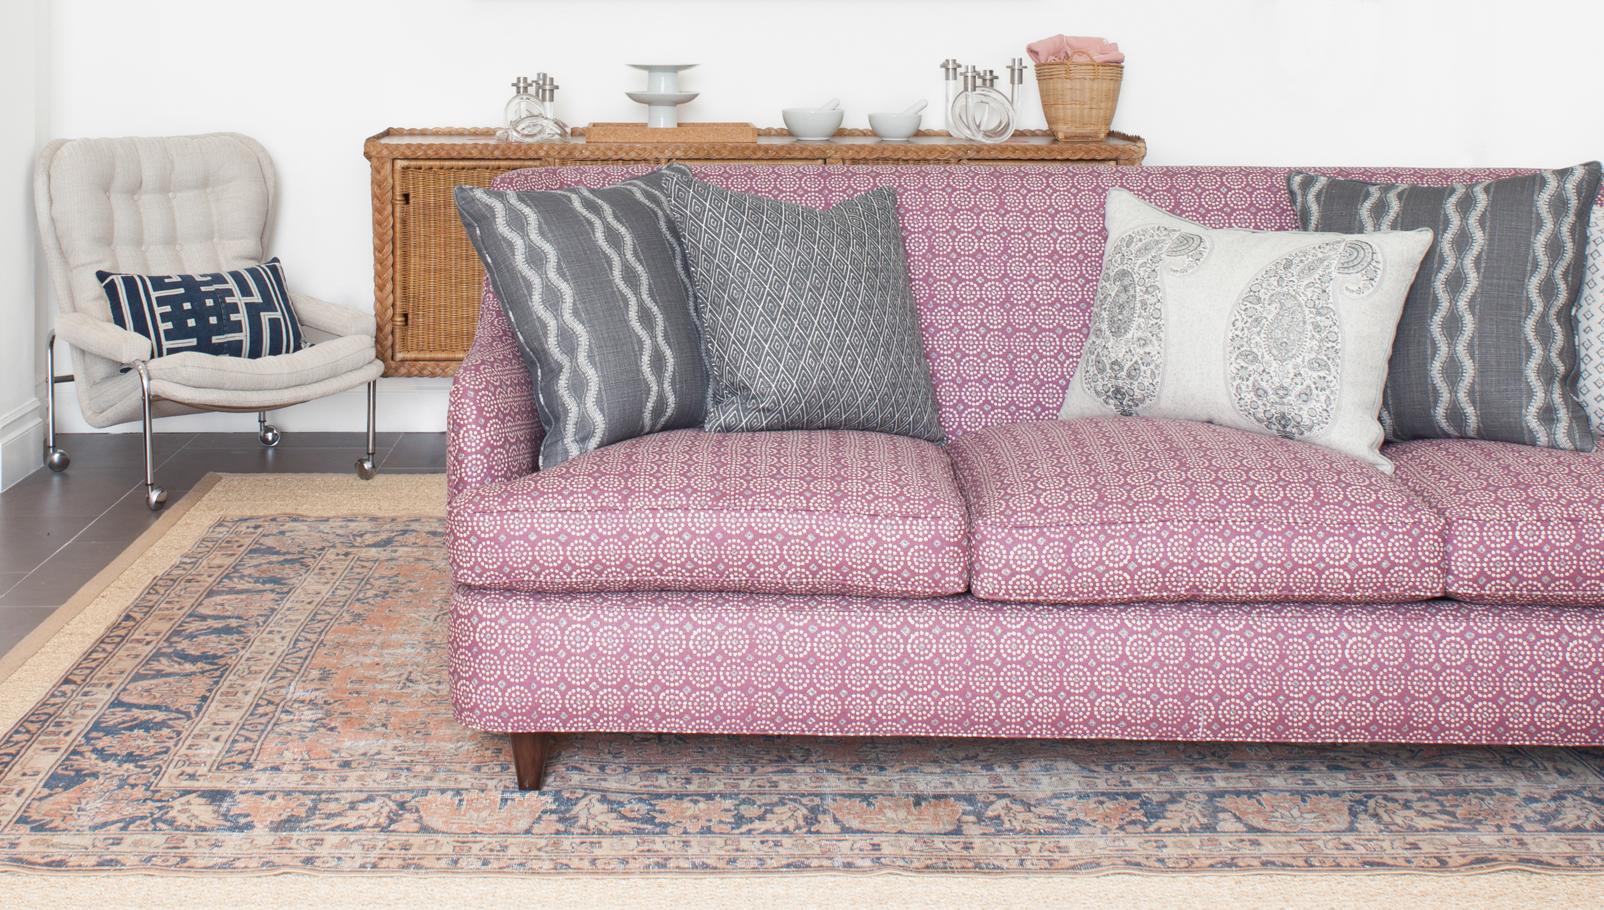 Sari+Pasha+couch.jpg